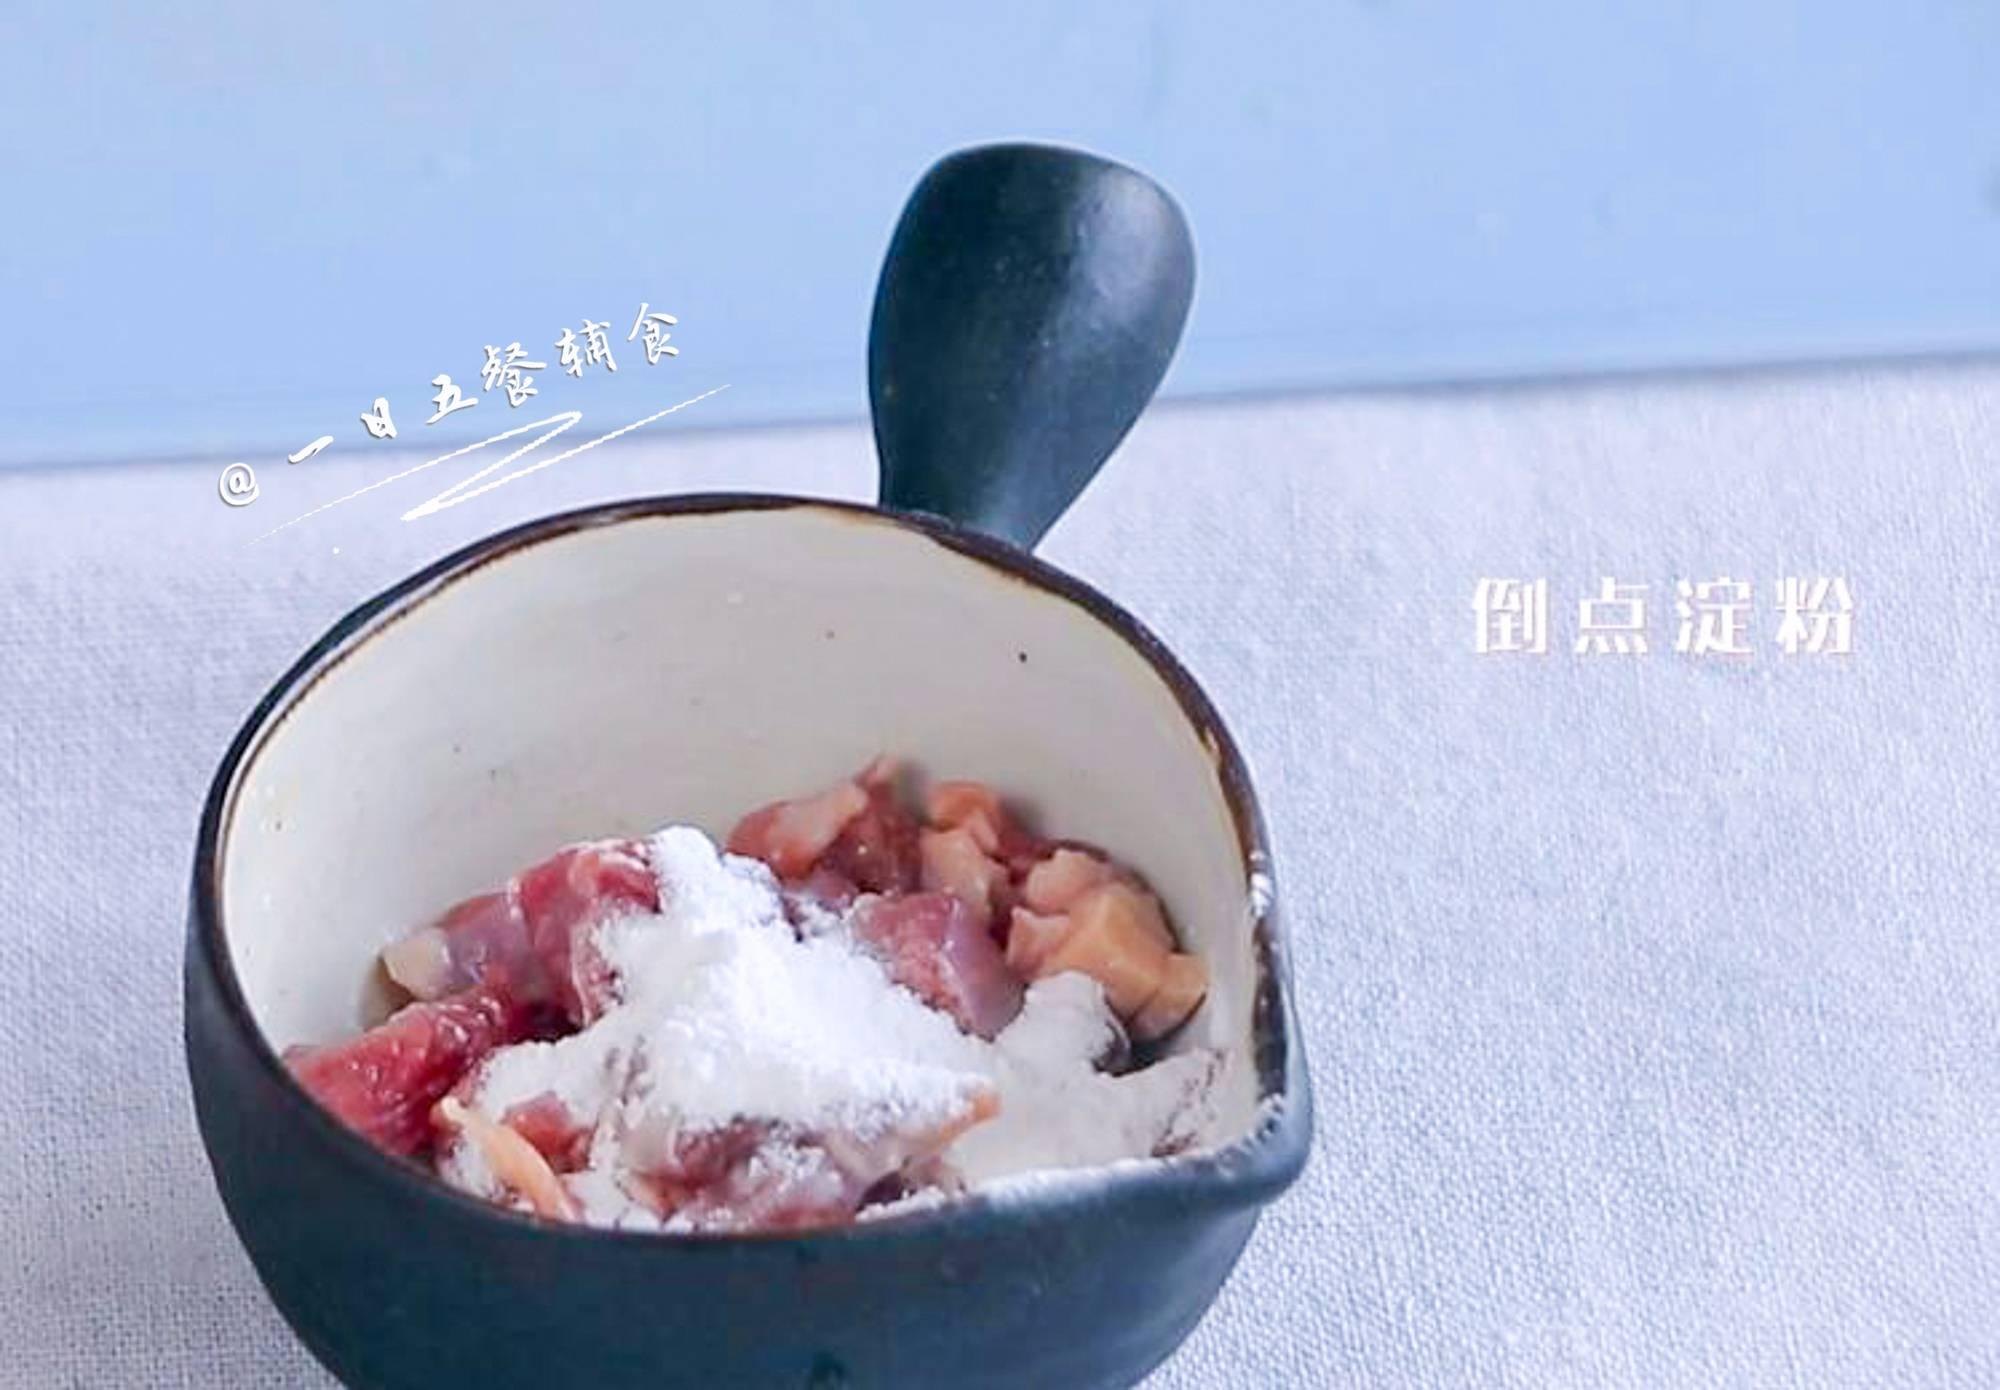 牛肉杂蔬焗饭,牛肉切丁,加些料酒,淀粉,用手抓捏几下腌制一会。</p> <p>